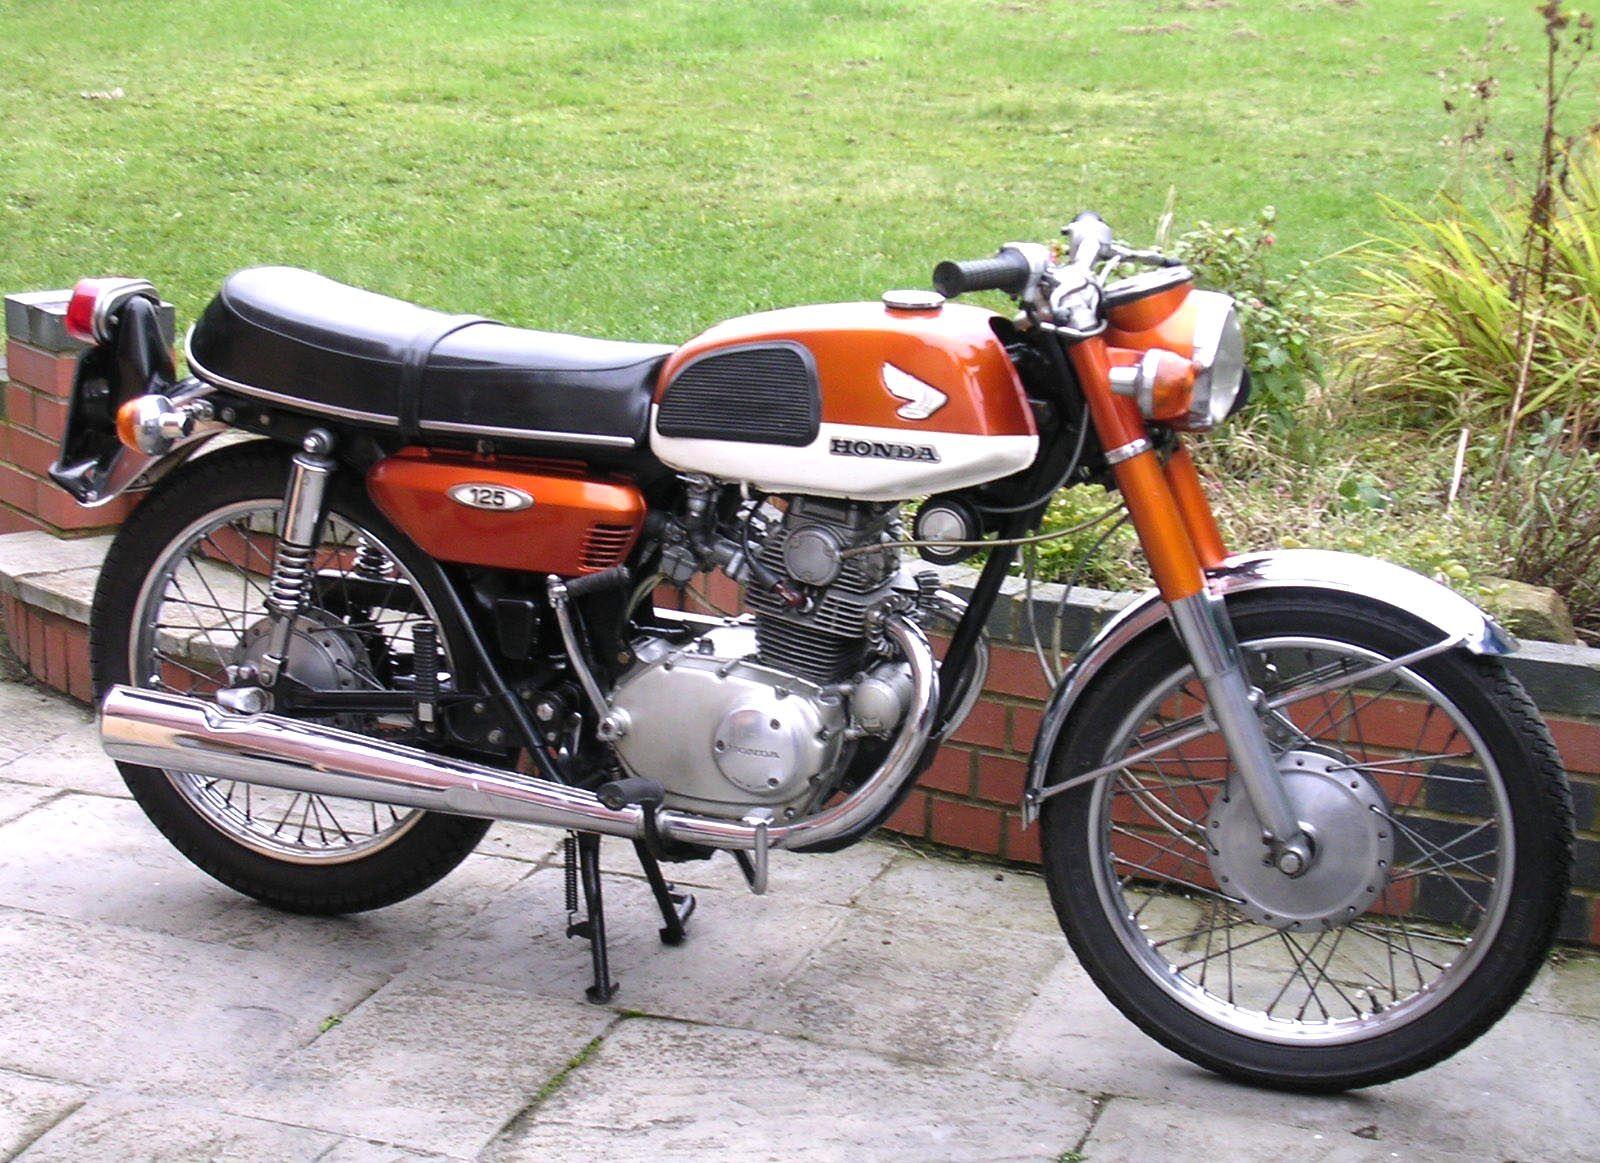 Pin Oleh Okky Yos Di Motor Klasik Motor Honda Motor Klasik Honda Cb [ 1163 x 1600 Pixel ]